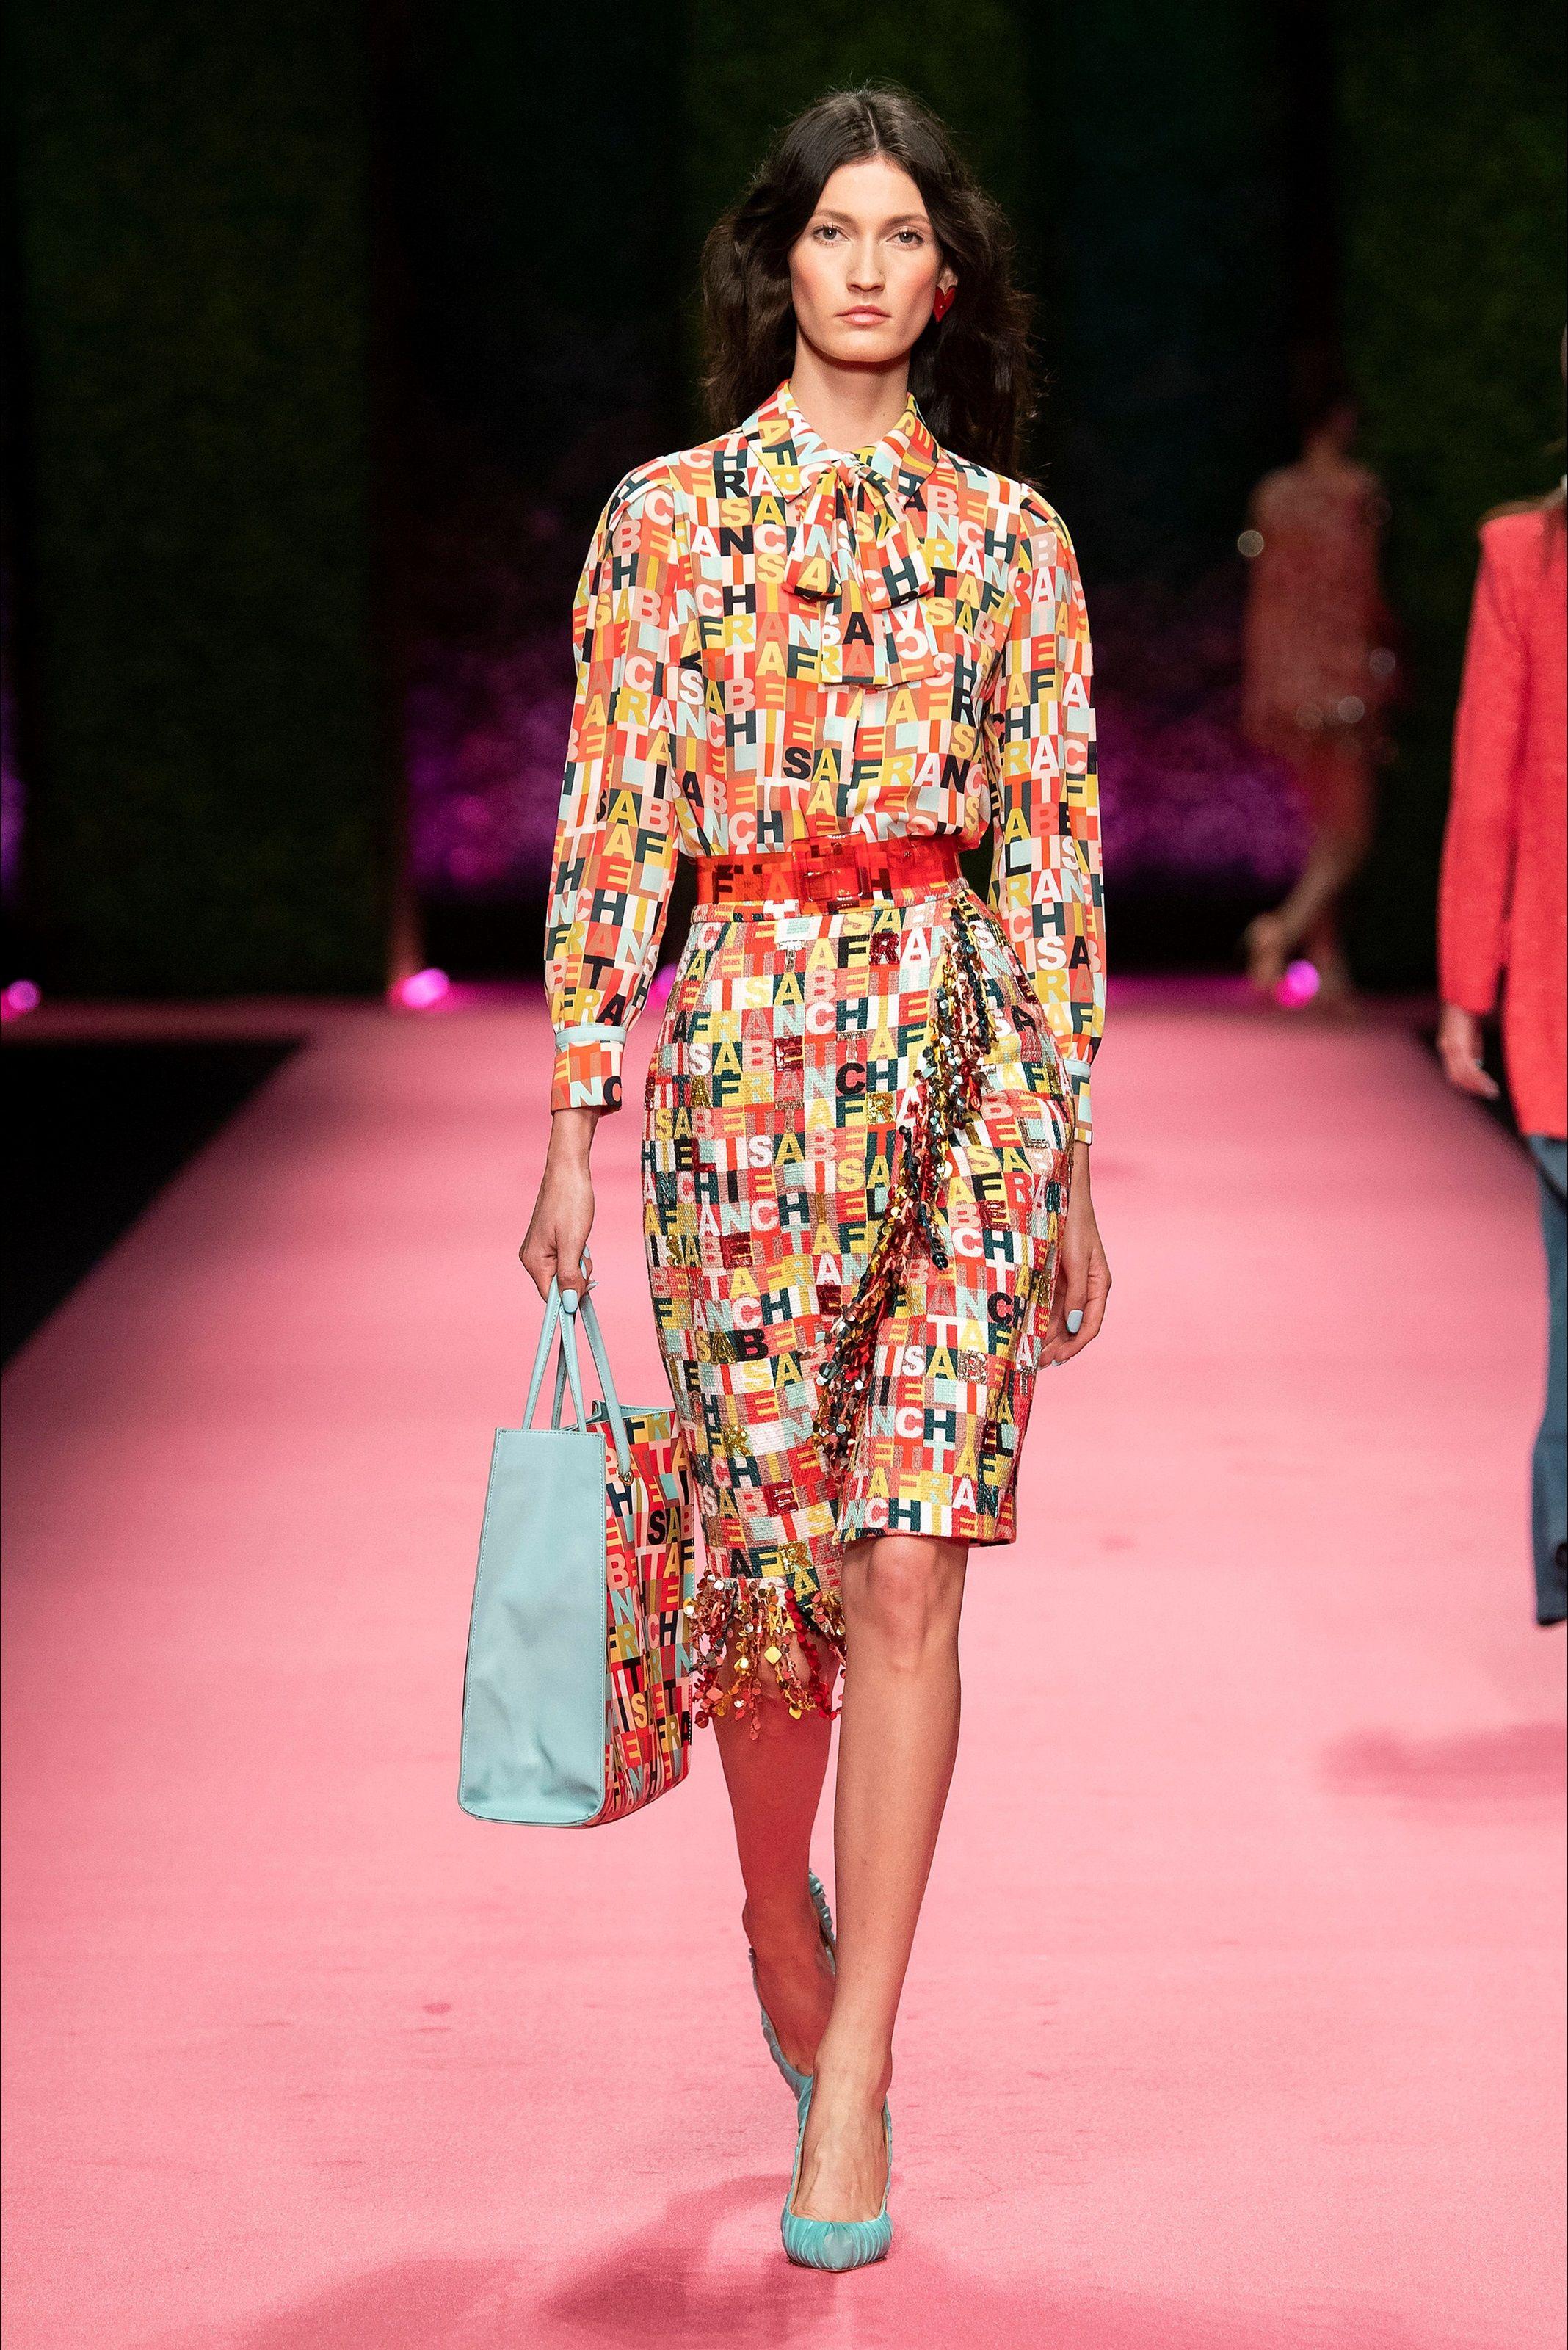 5b1435e82 Sfilata Elisabetta Franchi Milano - Collezioni Primavera Estate 2019 - Vogue